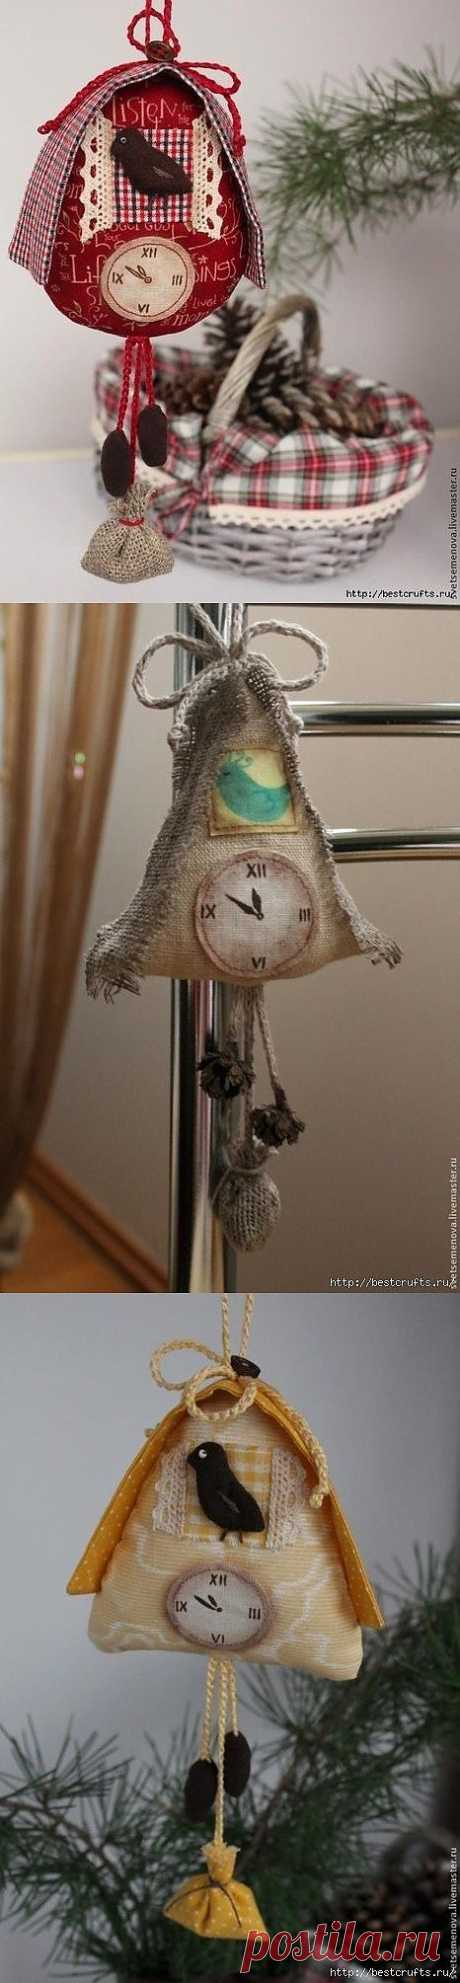 Новогоднее интерьерное украшение: часы с кукушкой!